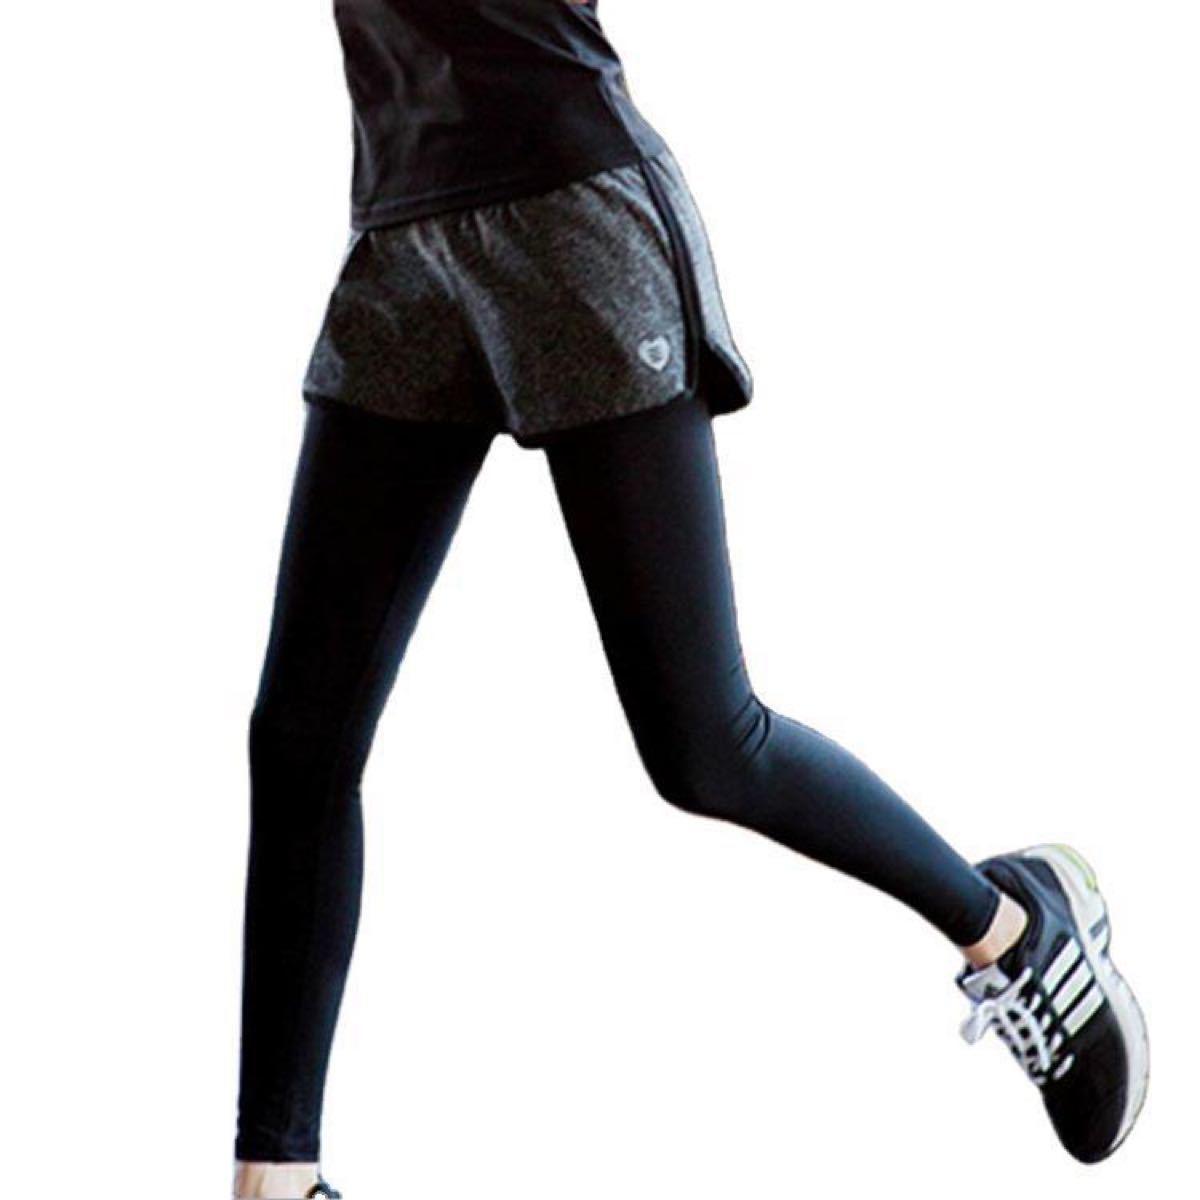 ランニングウェア ジムウェア スポーツウェア トレーニング ヨガパンツ レギンス 美脚 ショートパンツ フィットネス スパッツ